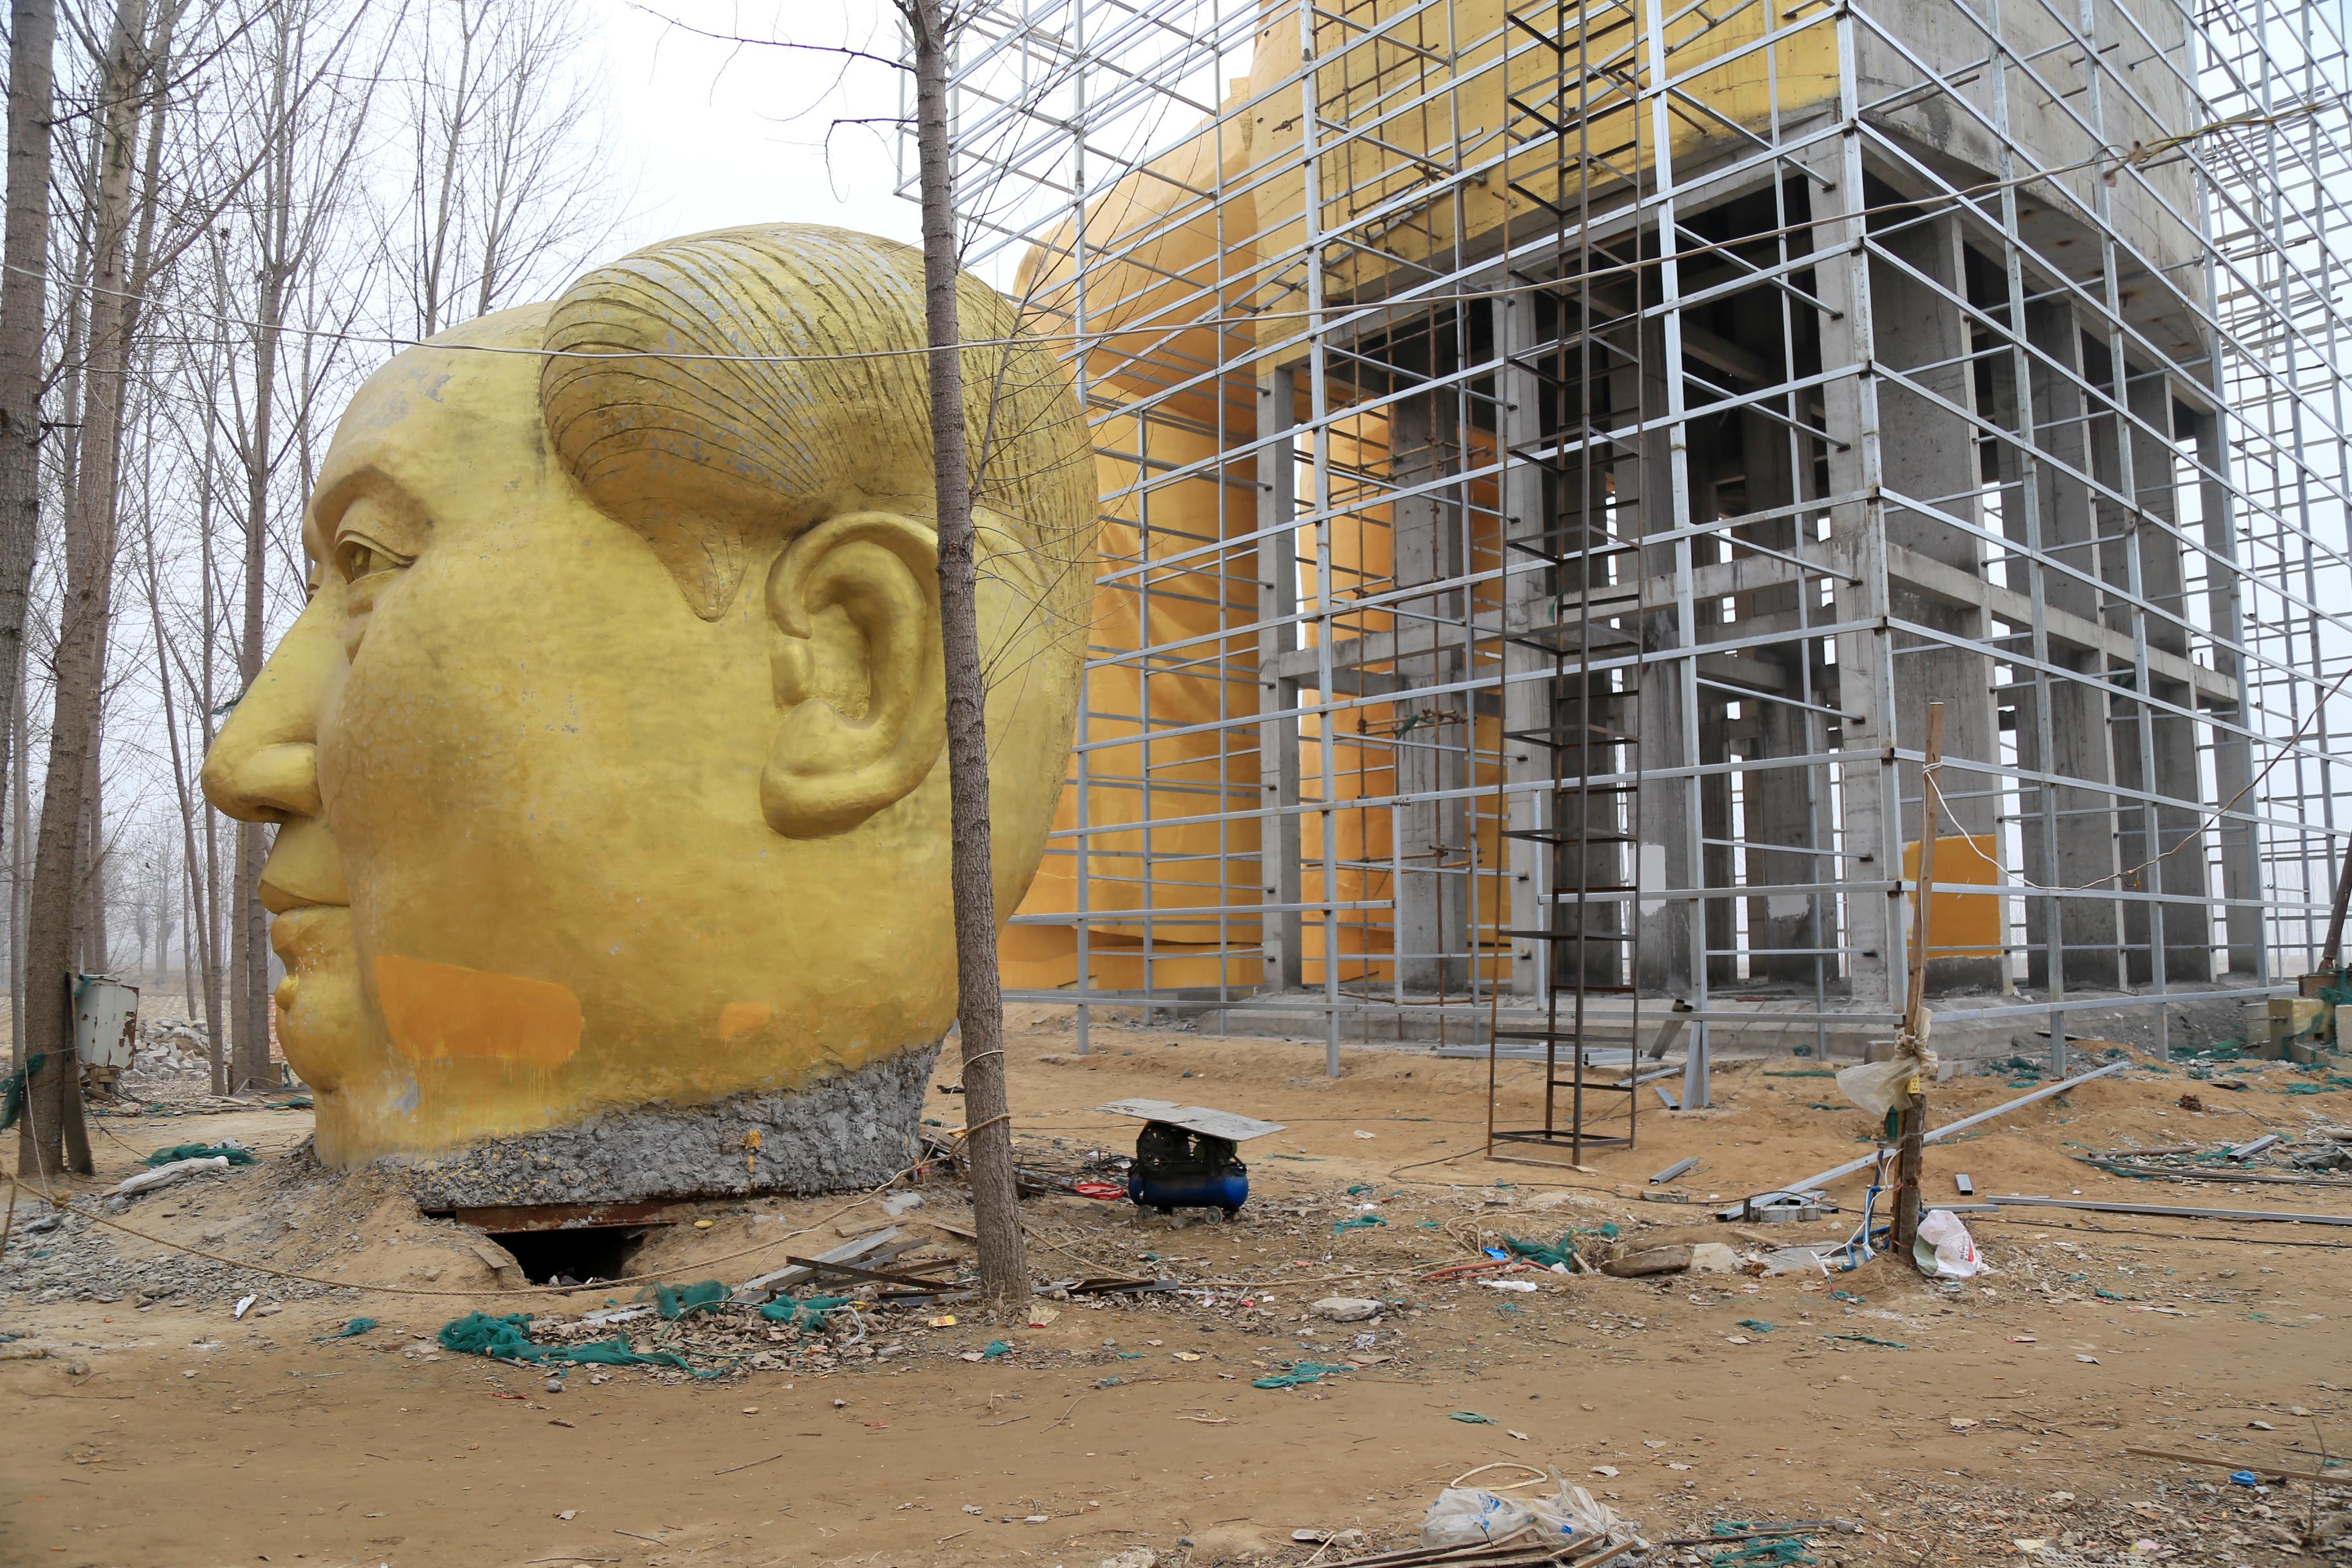 Kínában annyira nincs hely a temetőkben, hogy jön a függőleges temetés